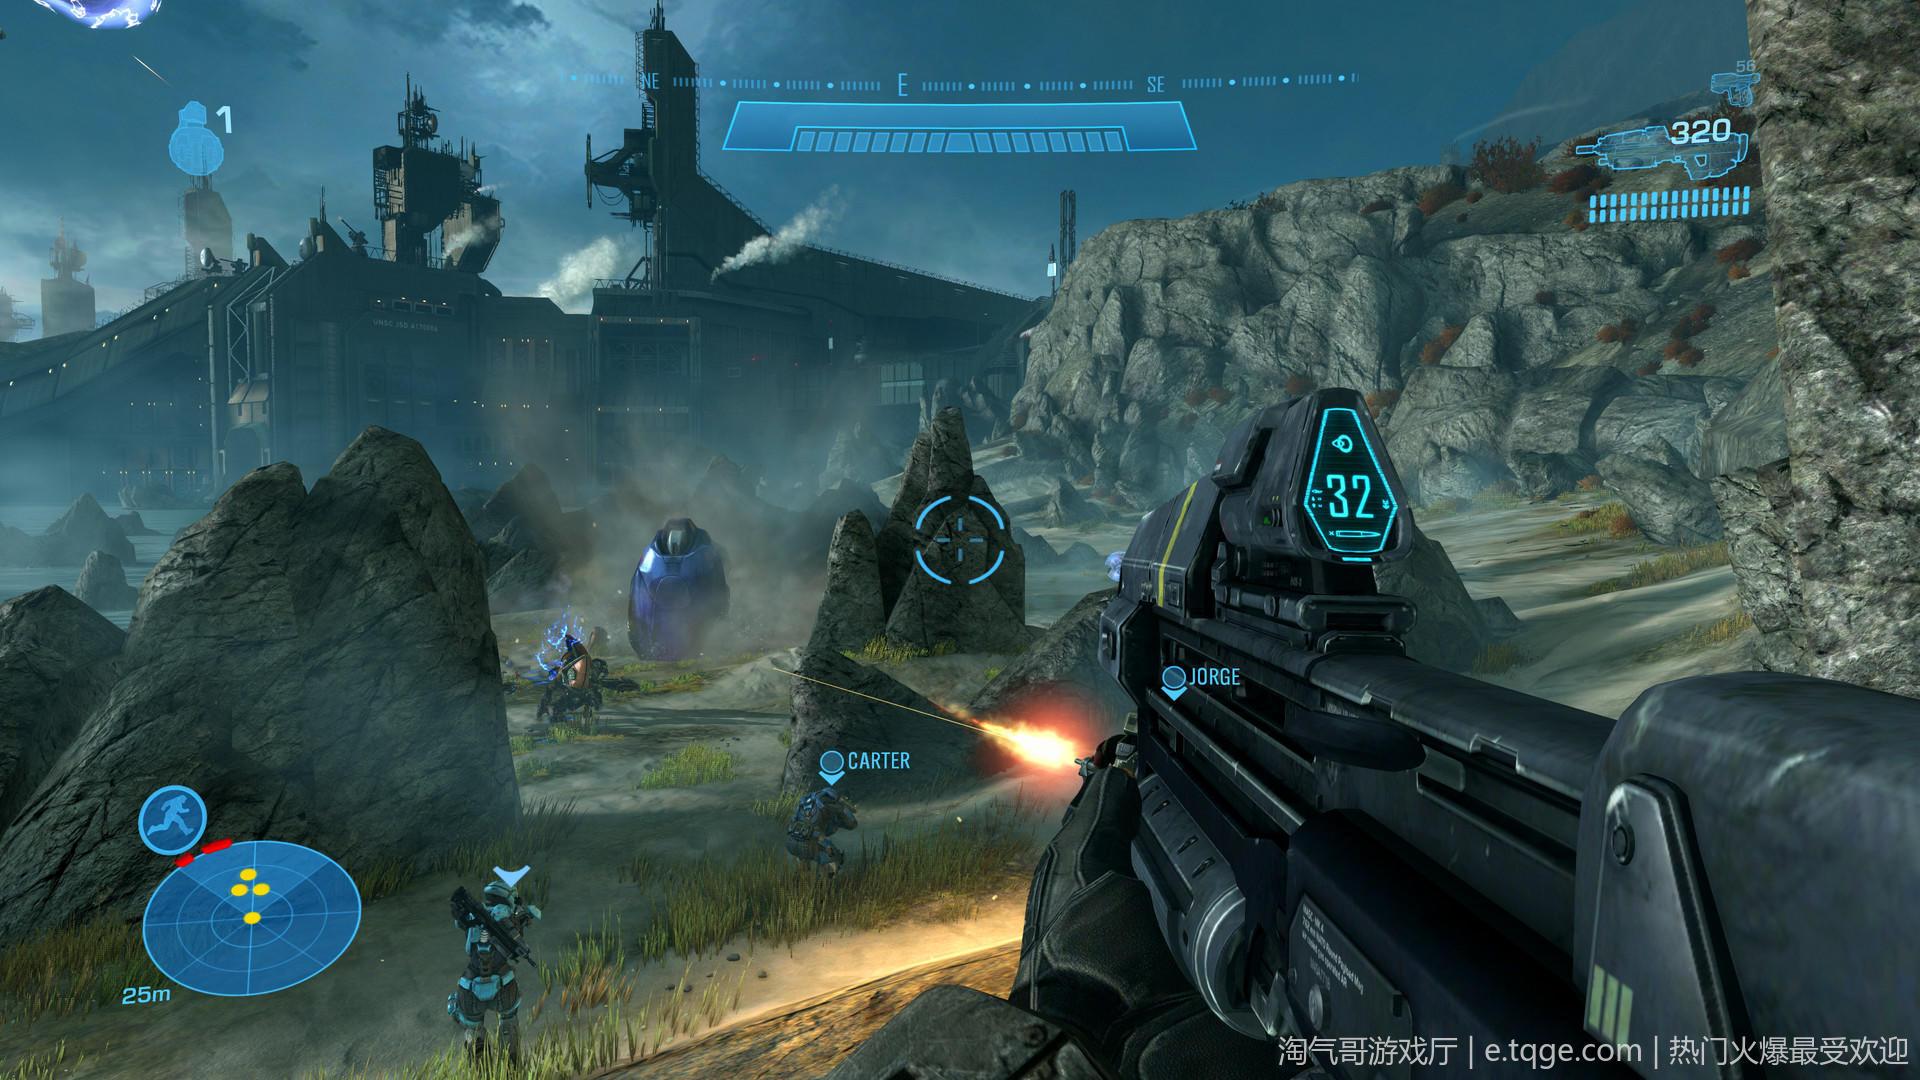 光环:士官长合集/光环致远星 射击游戏 第5张